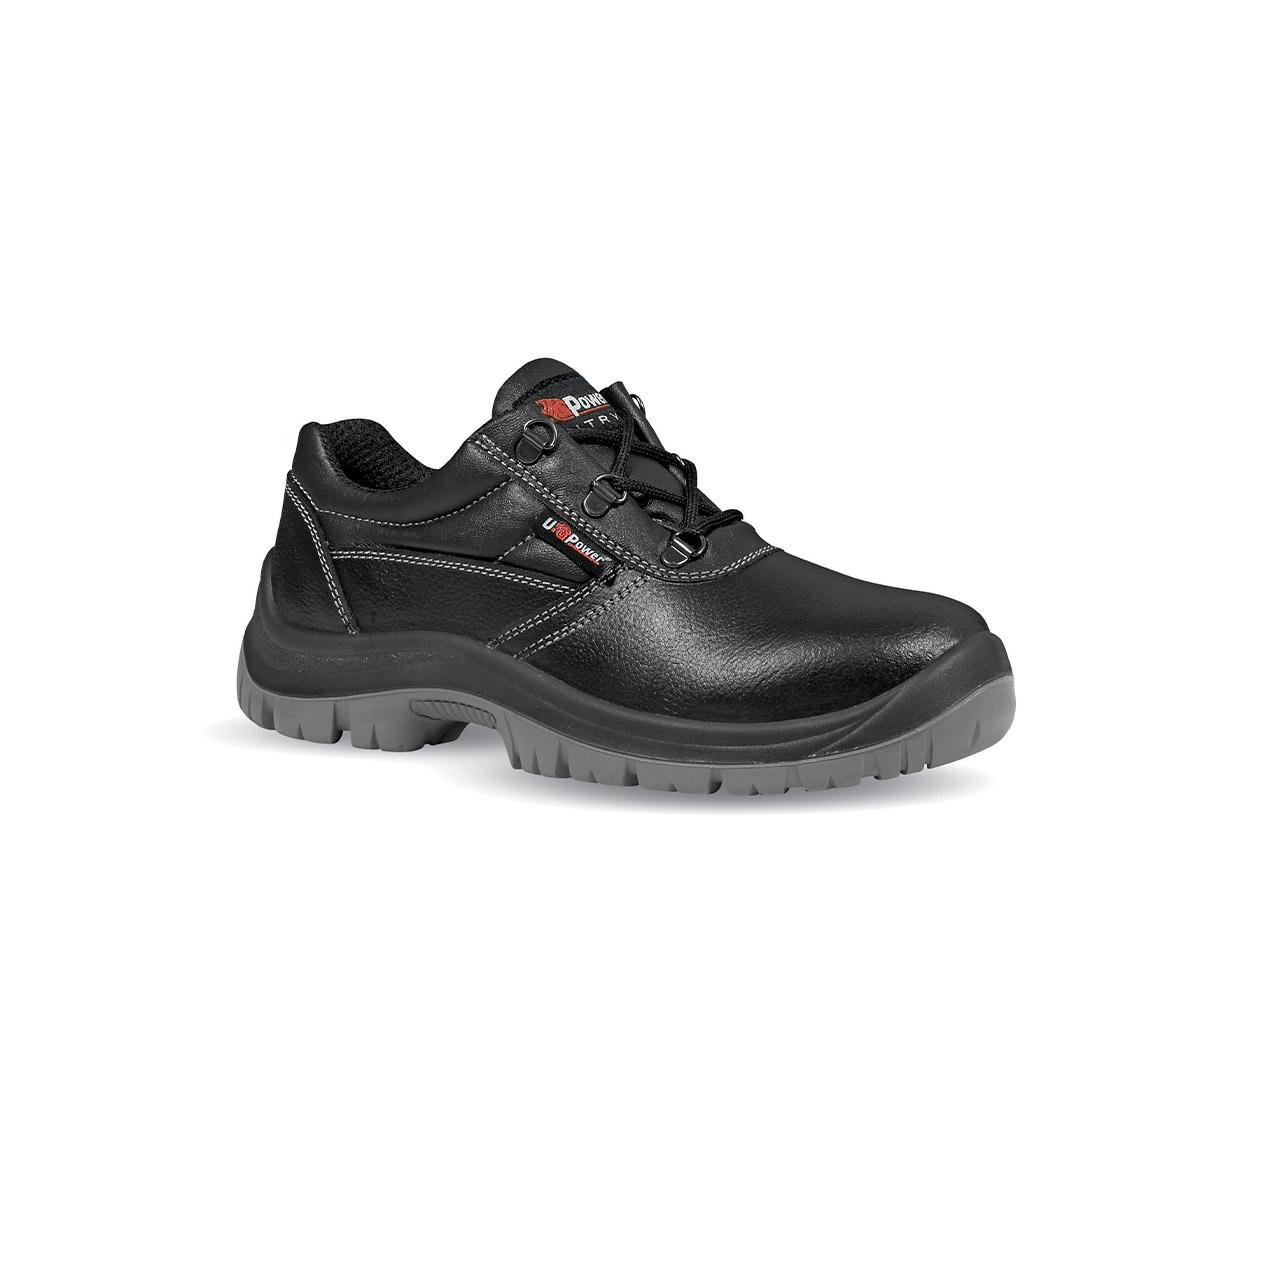 scarpa antinfortunistica upower modello simple linea entry vista laterale